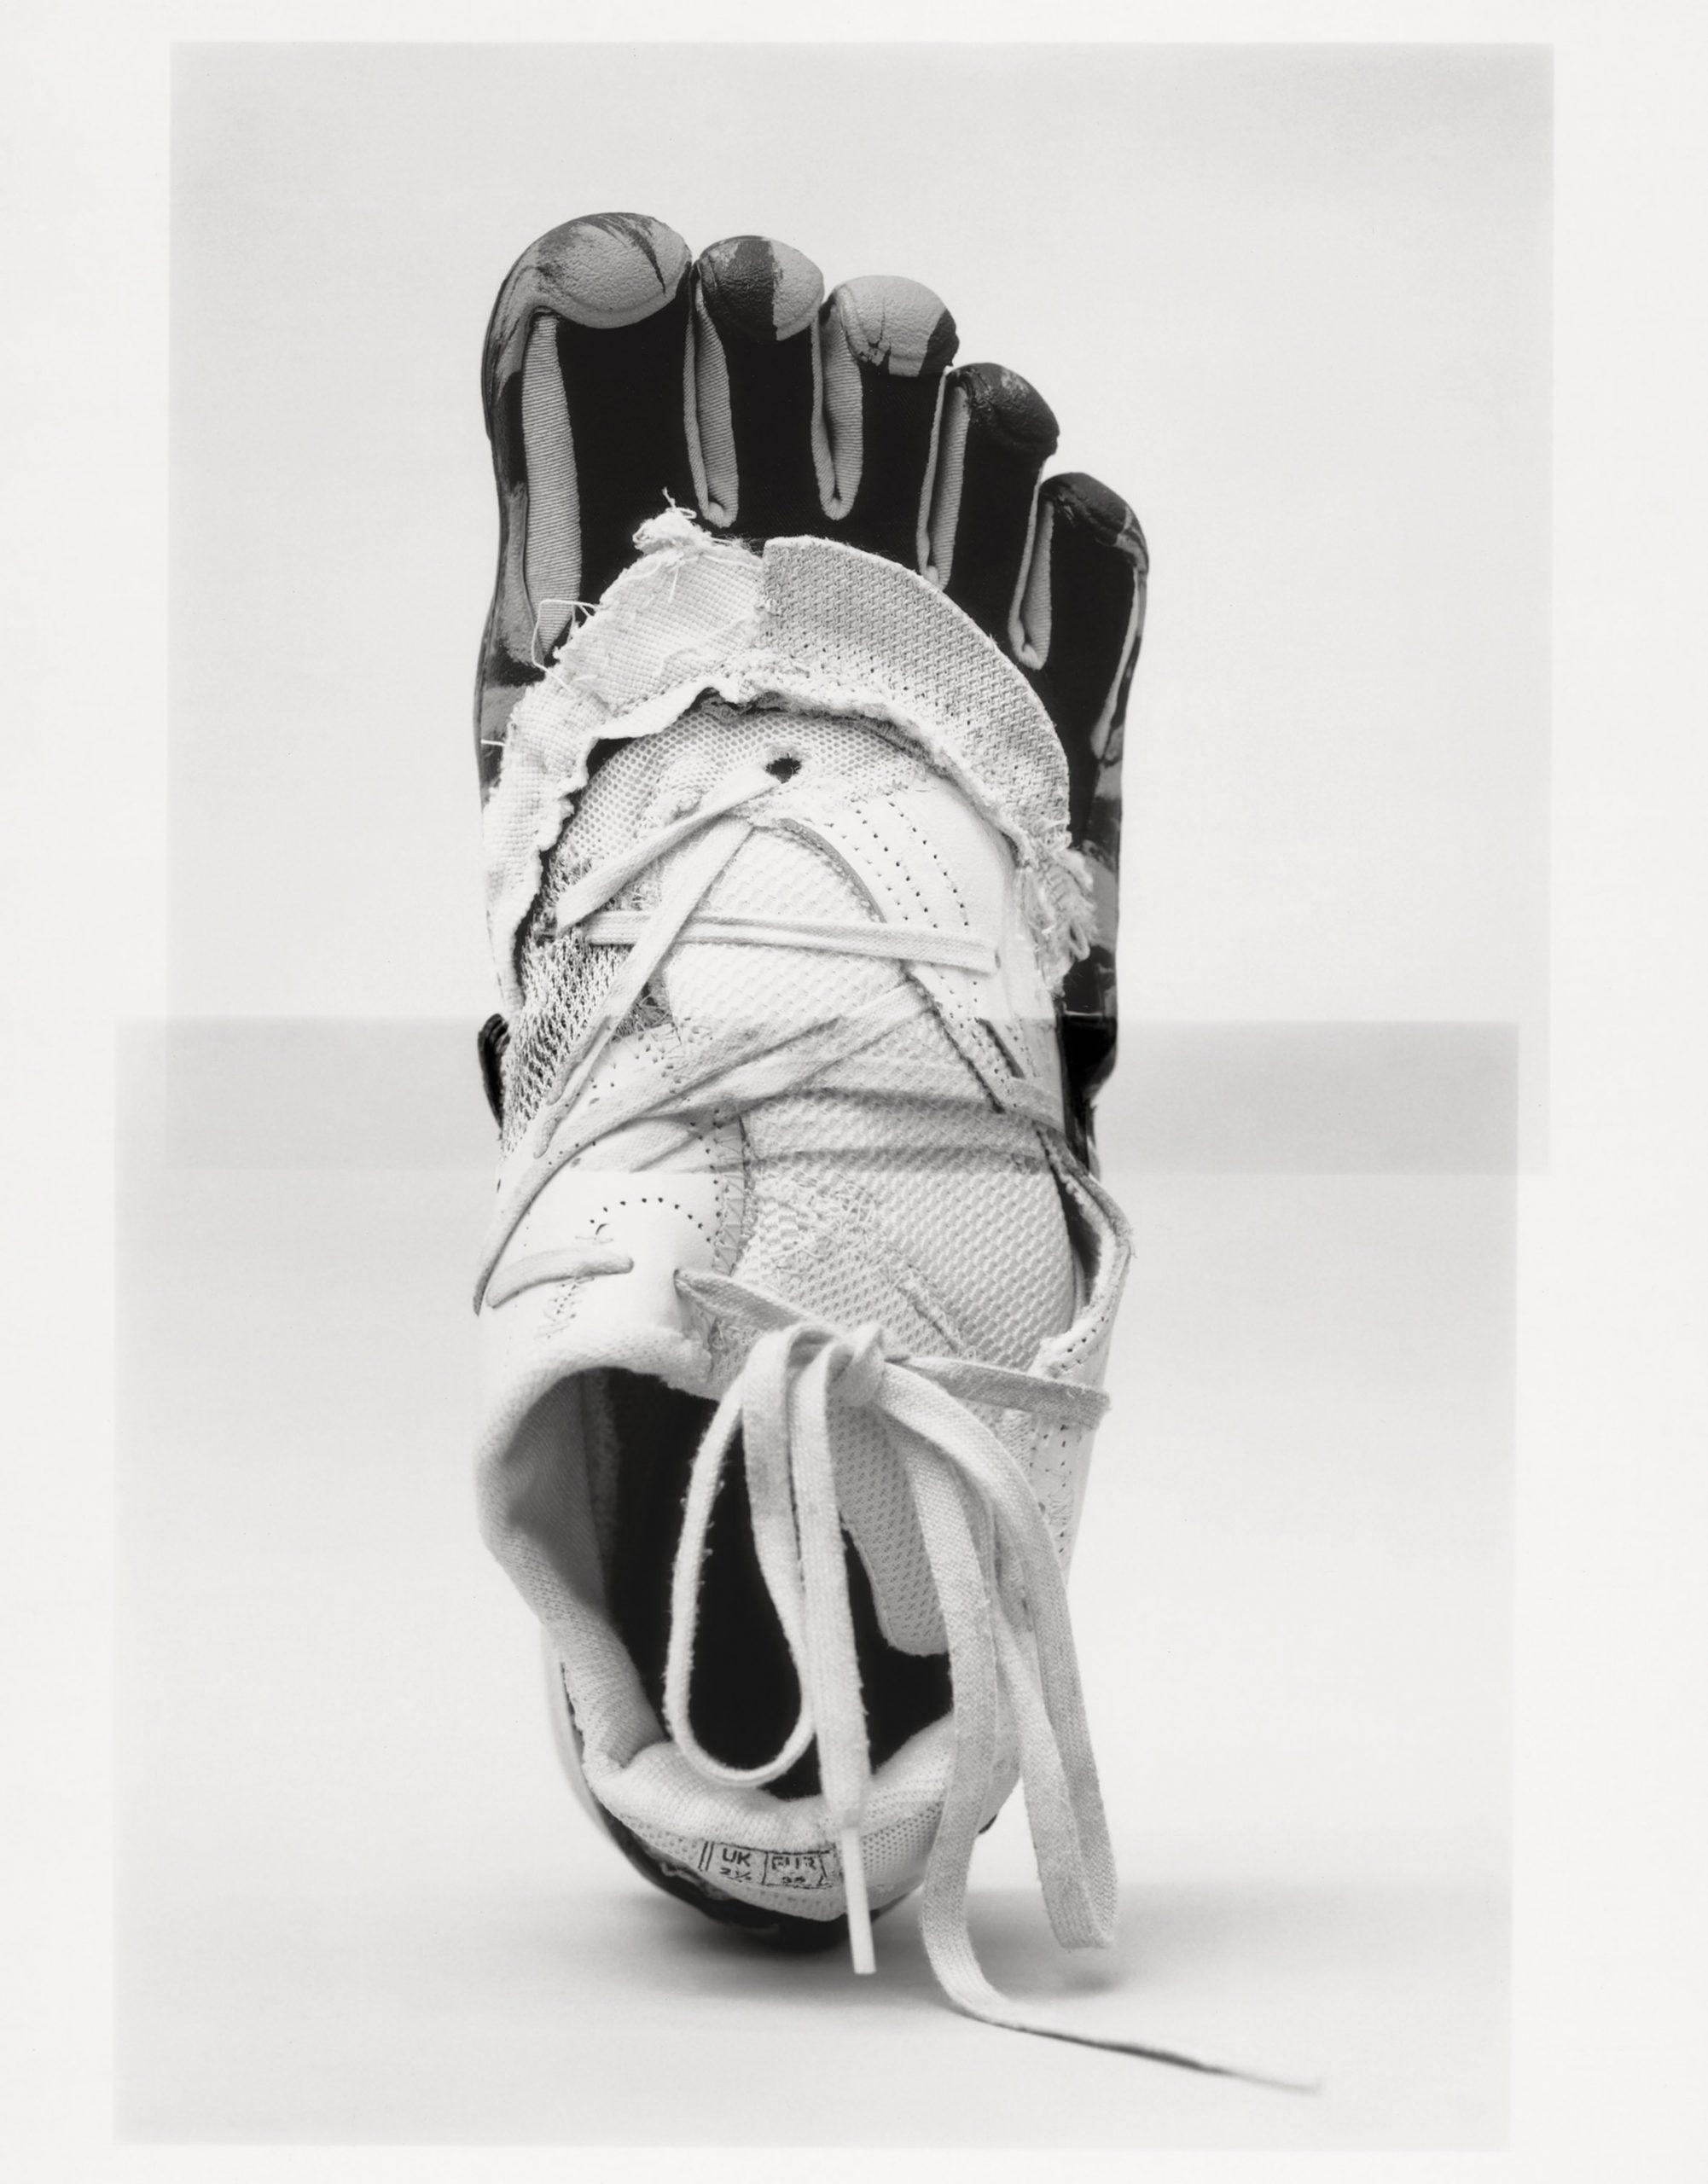 Helen Kirkum x Matthew Needham sneakers featuring Vibram FiveFingers deadstock